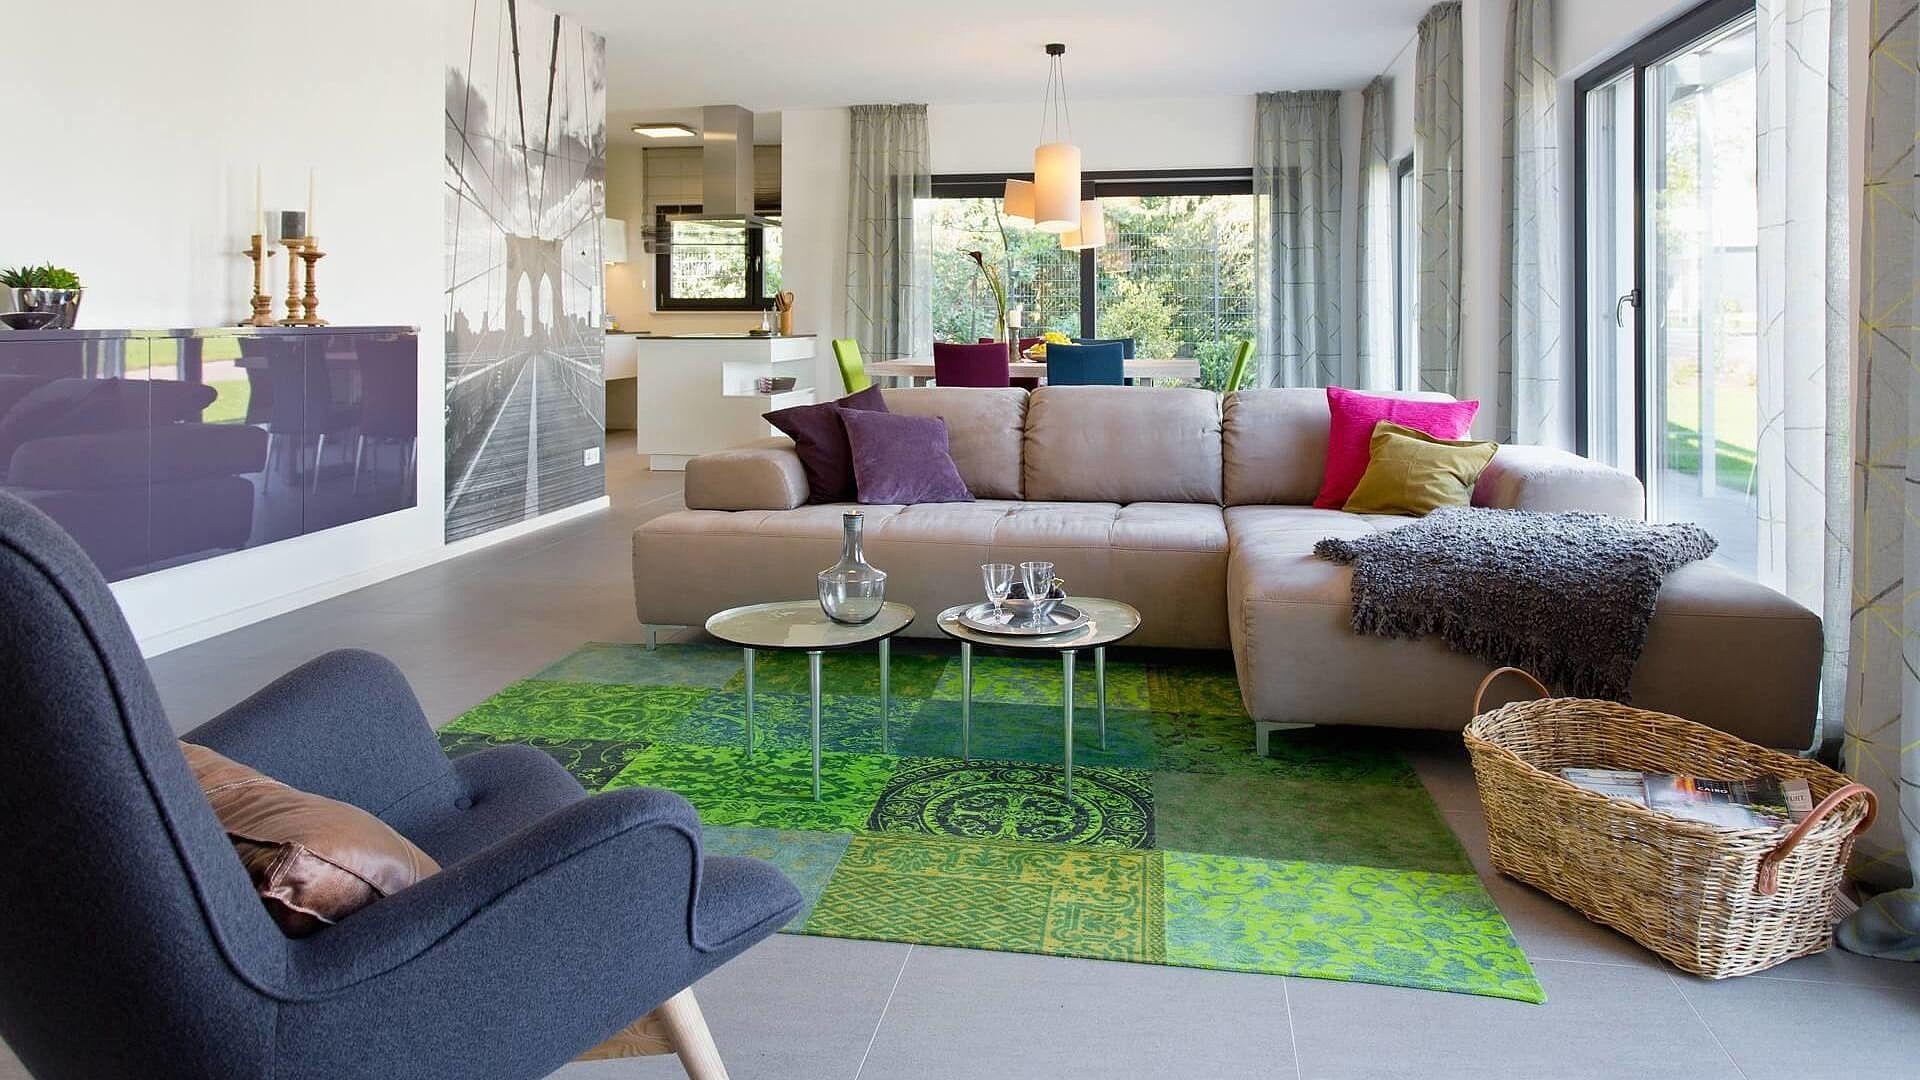 Wohnzimmer hell ~ Wohnzimmer helle wände bodentiefe fenster grüner teppich beige